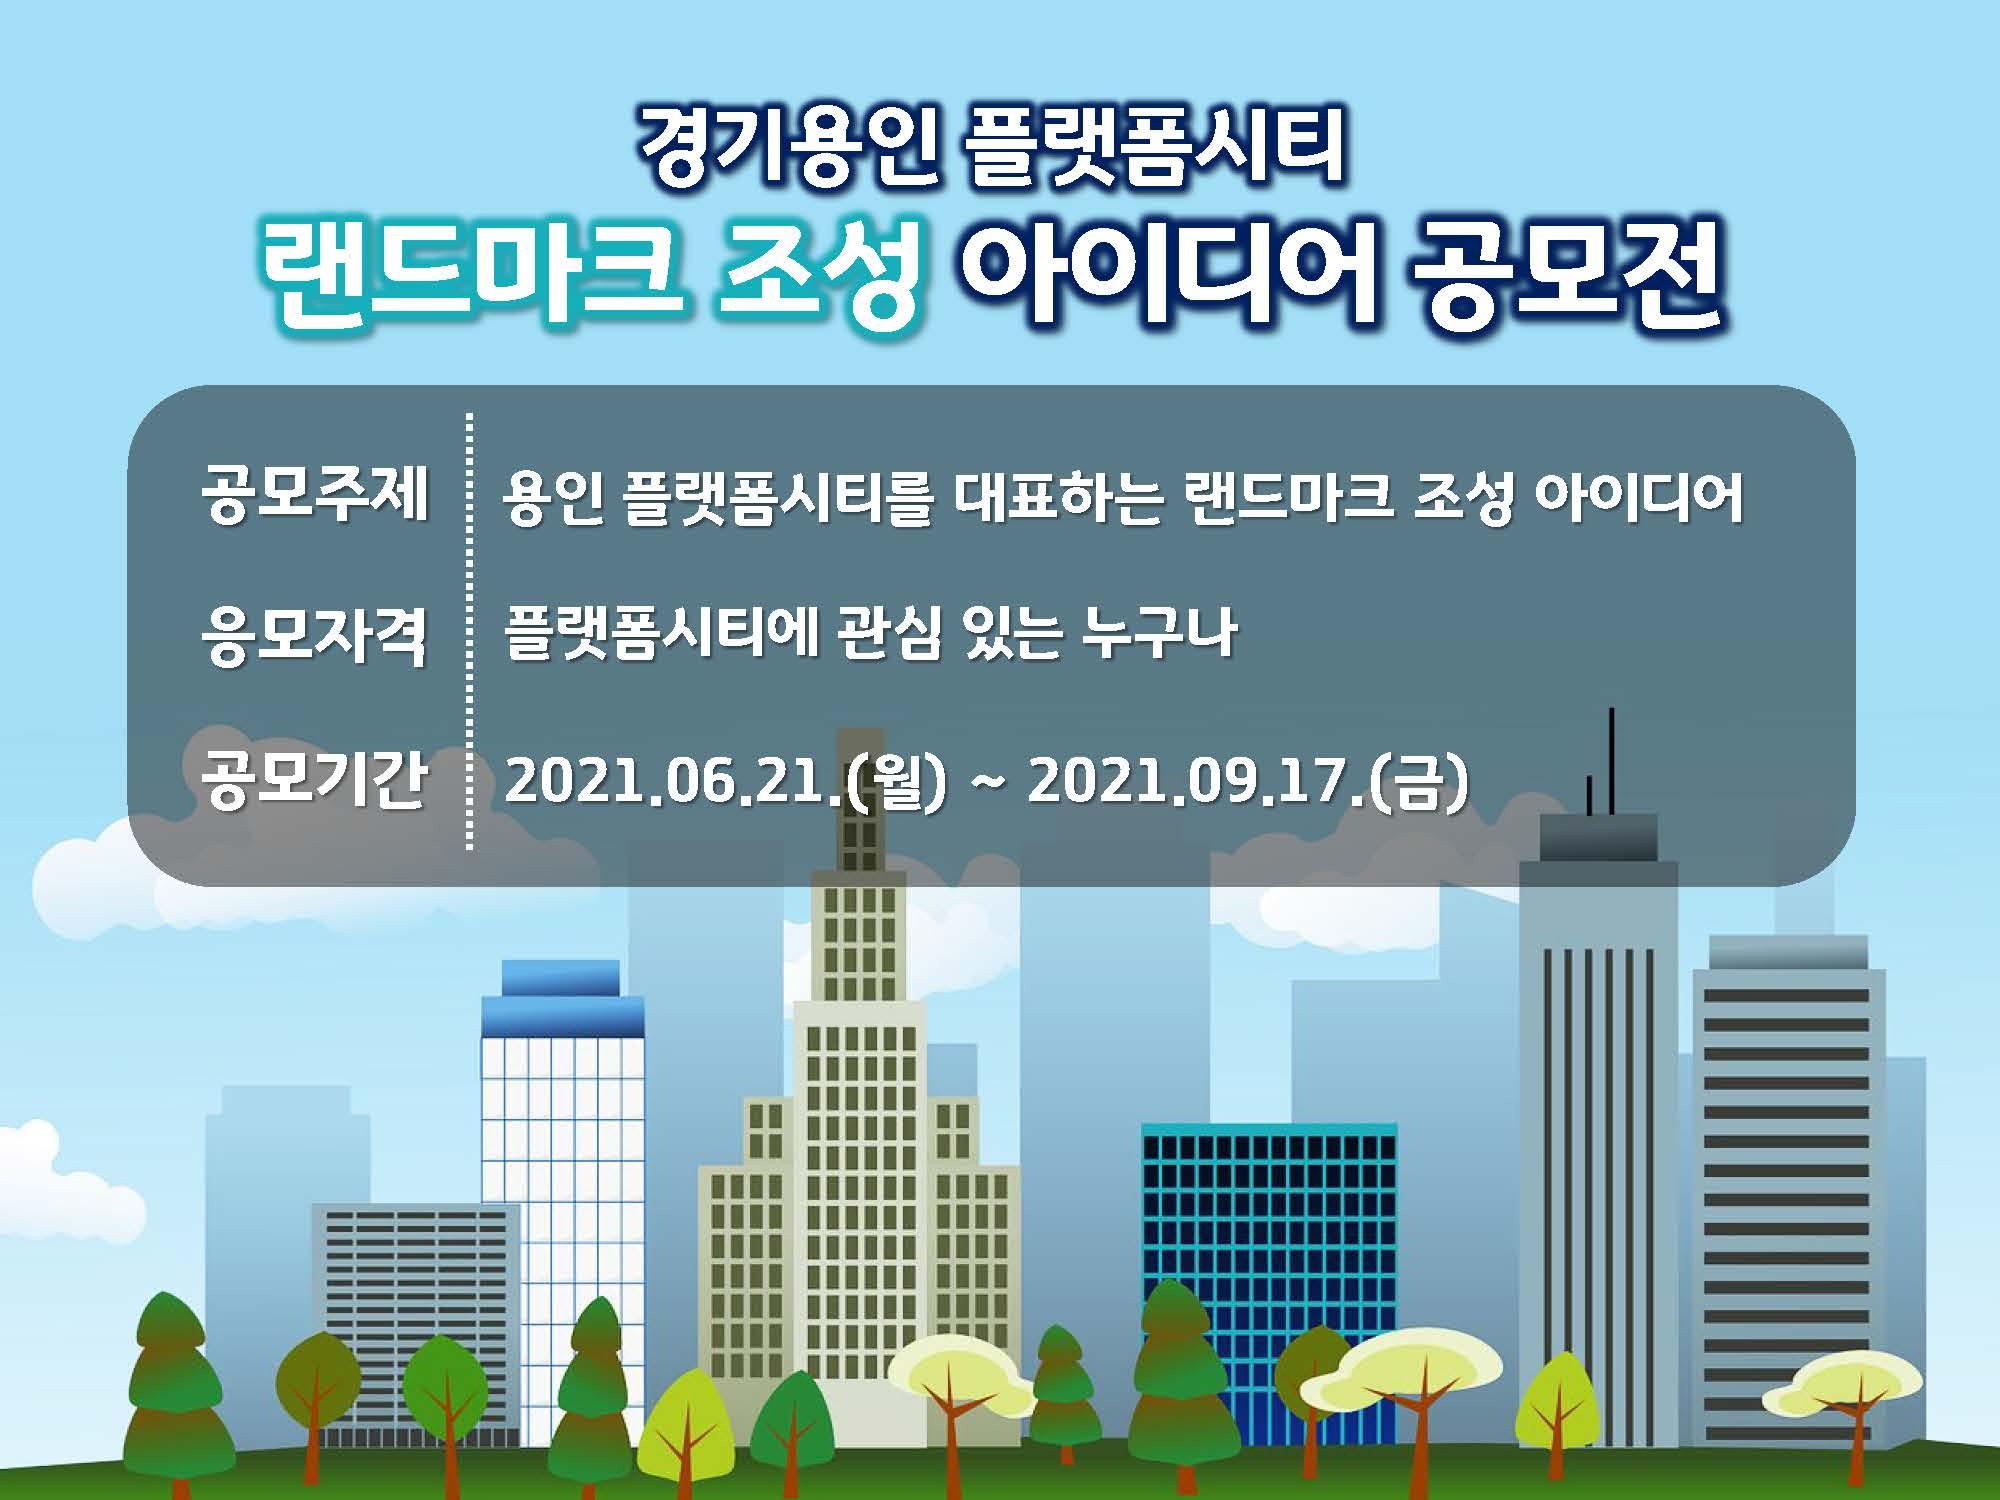 「경기용인 플랫폼시티 랜드마크 조성 아이디어 공모」